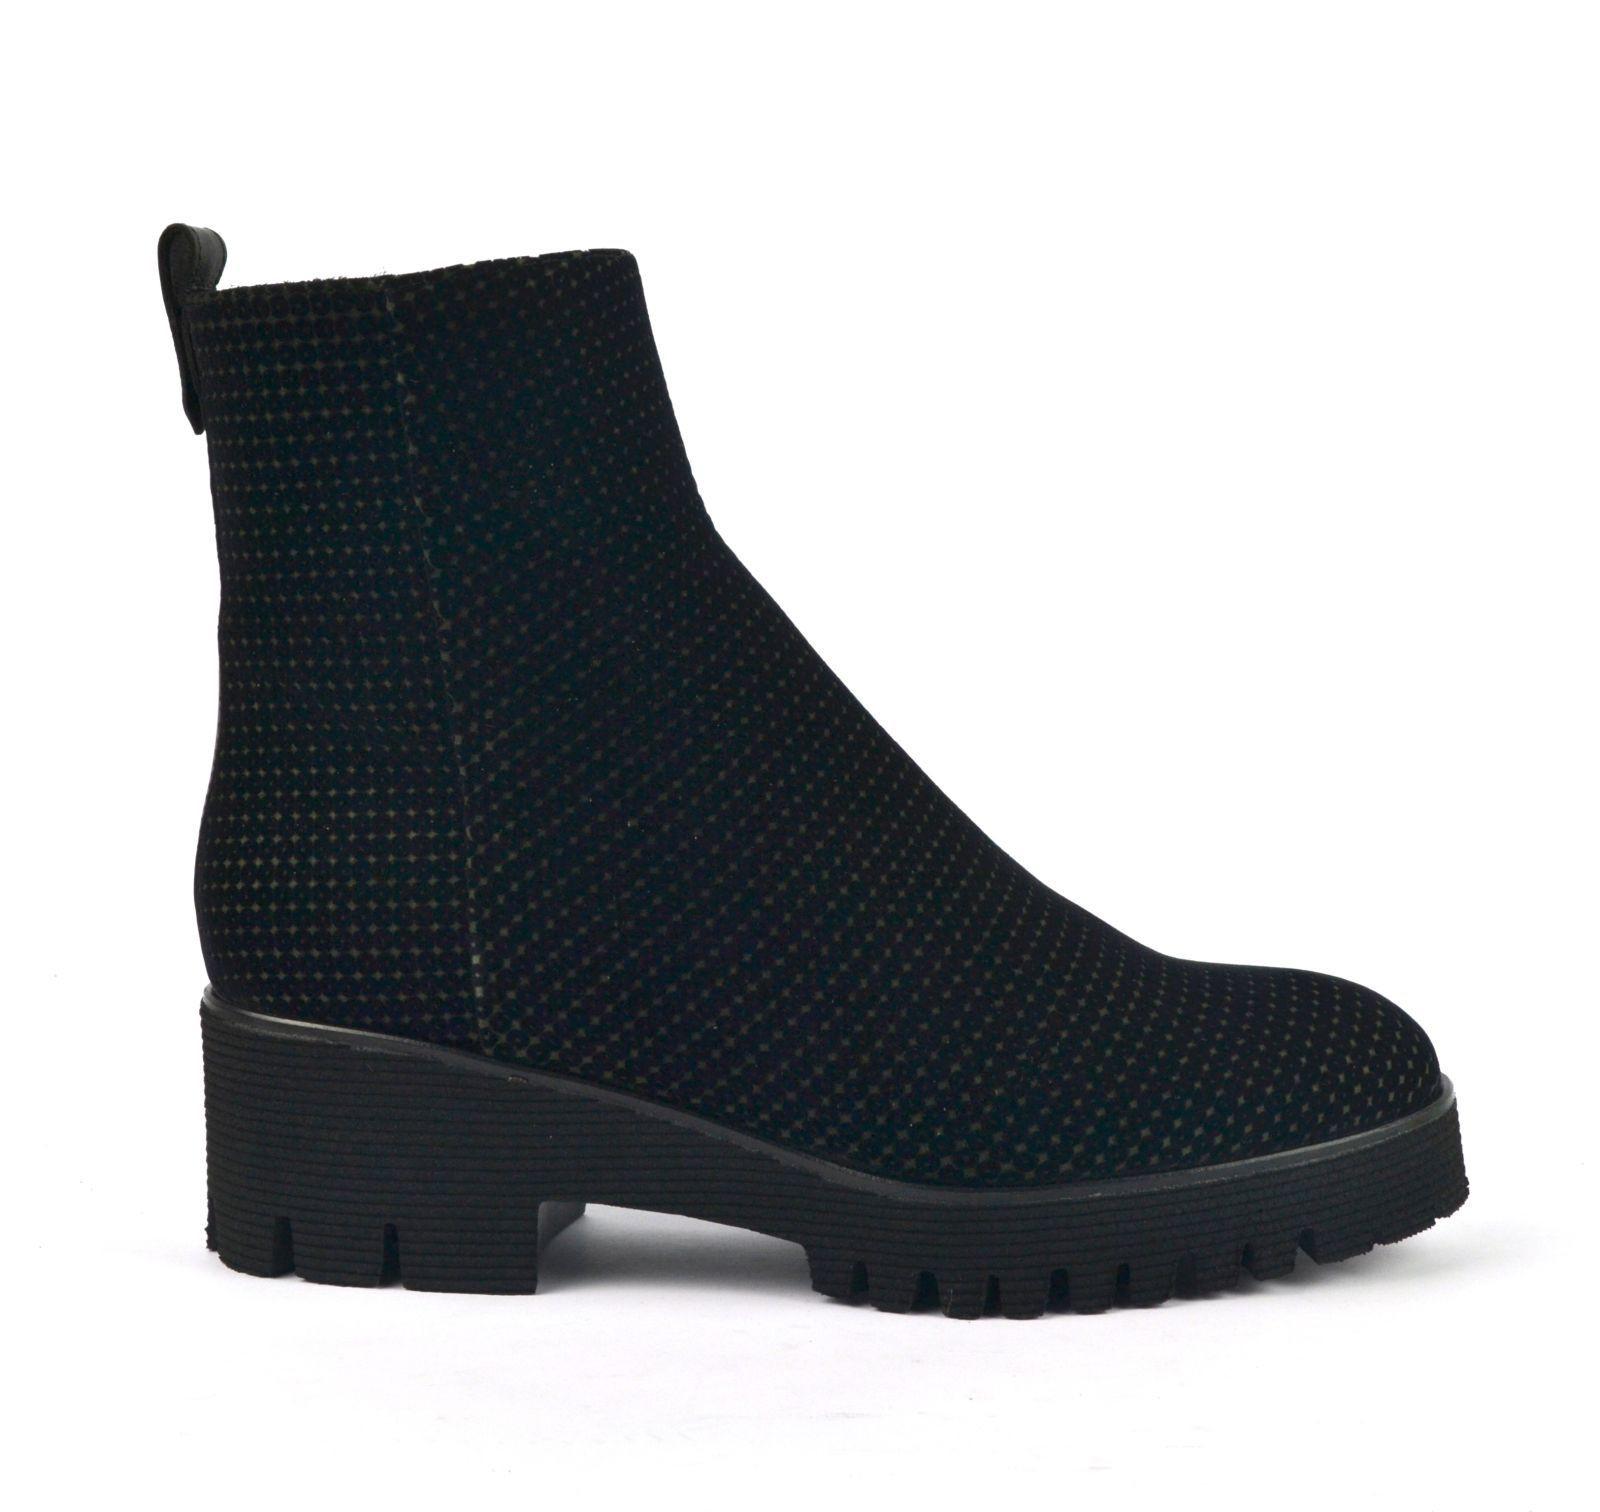 Maripe Schoenen online kopen? Vergelijk op Schoenen.nl